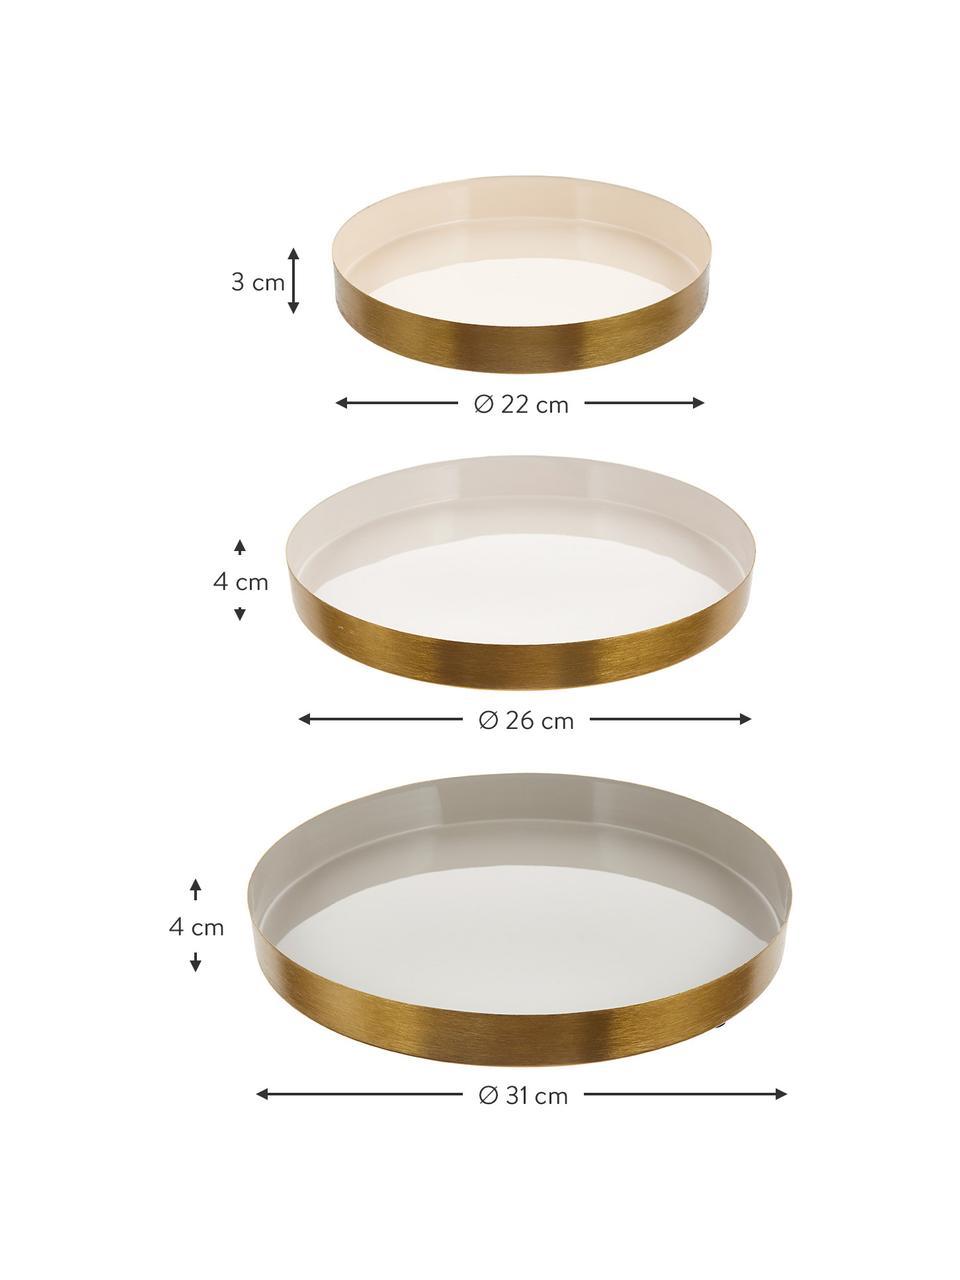 Deko-Tablett-Set Ayra, 3-tlg., Metall, lackiert, Grau, Beige, Weiß Außenrand: Jeweils Goldfarben, Sondergrößen